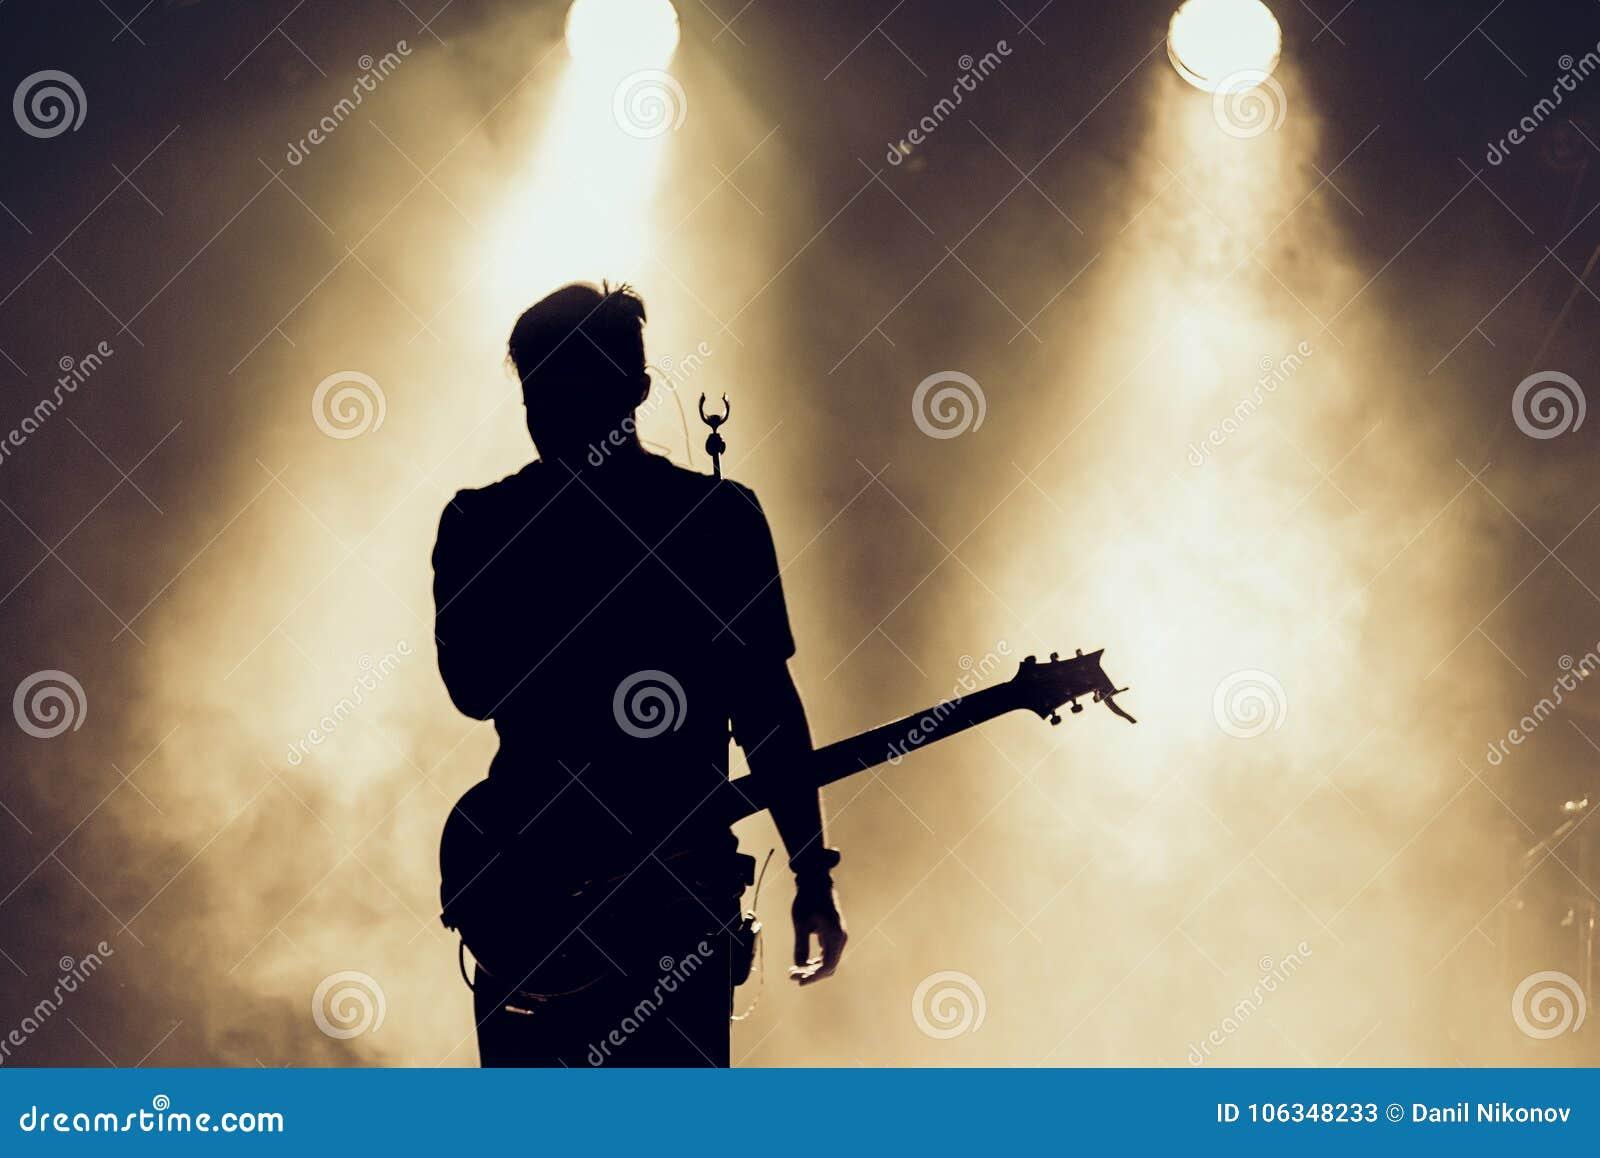 摇滚乐队在阶段执行 吉他弹奏者独奏使用 吉他演奏员剪影行动的对在音乐会人群前面的阶段 关闭